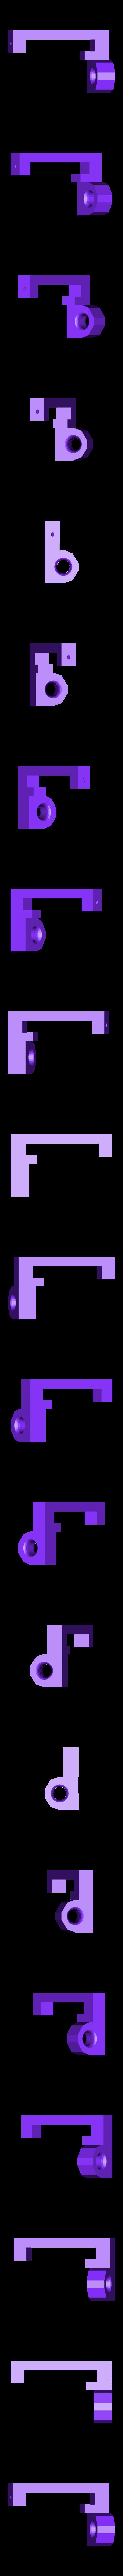 filament_giud_V4.1.stl Télécharger fichier STL gratuit Filament guide for Prusa MK2 and i3 ( clone i3) • Design à imprimer en 3D, 3D-mon